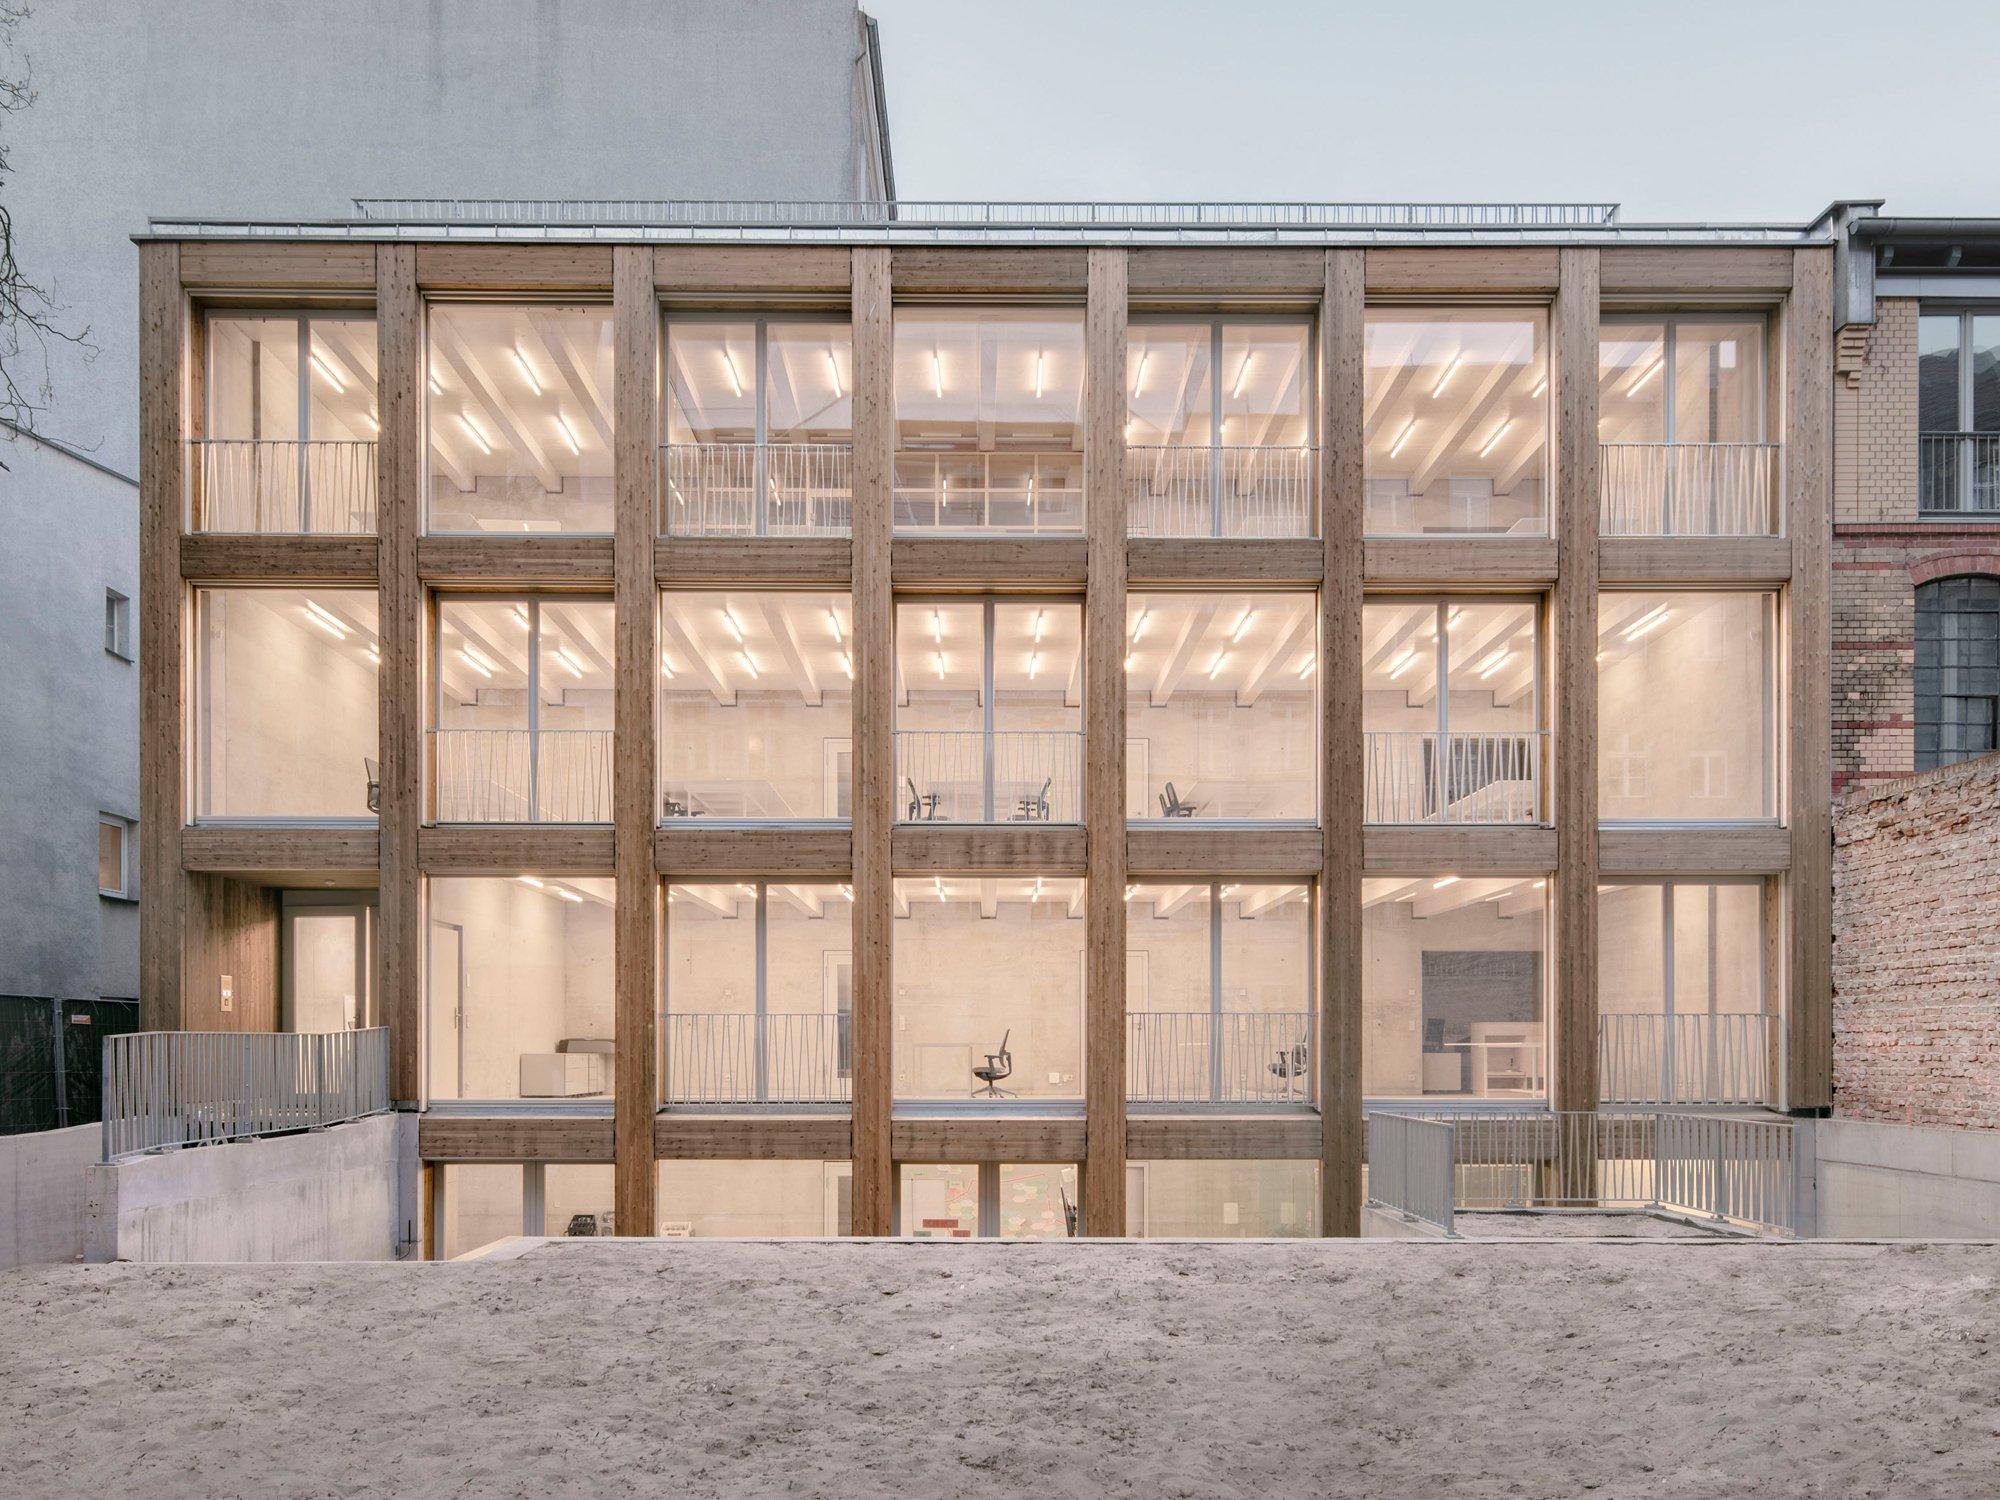 Entdeckung im Berliner Hinterhof: Jan Wiese Architekten haben in Zusammenarbeit mit Ralf Wilkening im Stadtteil Prenzlauer Berg eine Remise errichtet. Die Holz-Beton-Verbundkonstruktion sorgt für viel Tageslicht und ein angenehmes Raumklima.